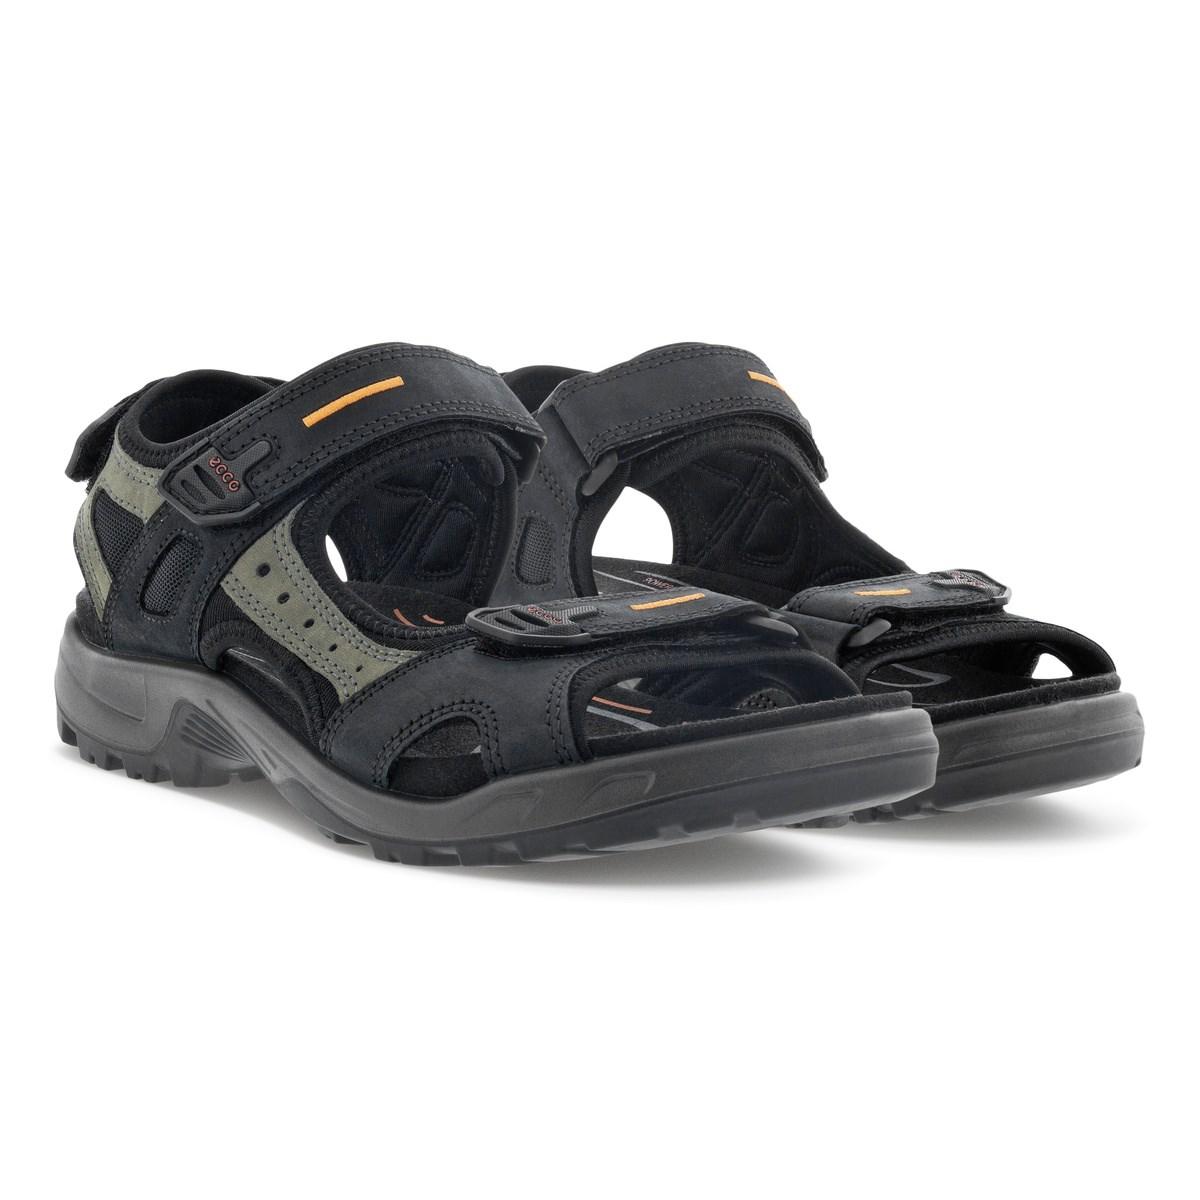 e843d4cd7b7 Sandals - OFFROAD - ECCO Shoes NZ